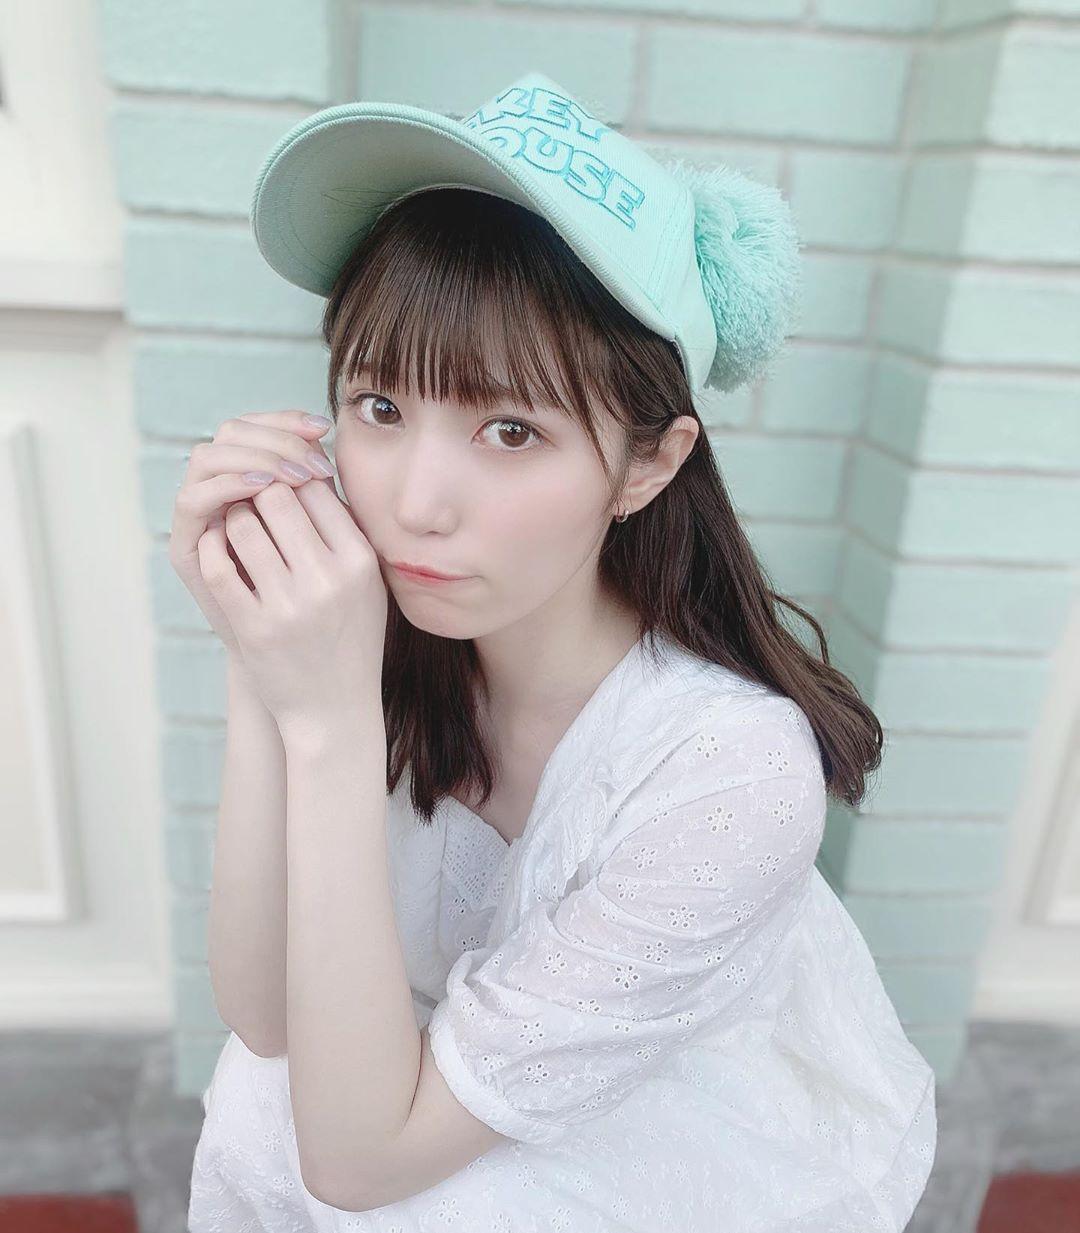 uCN2Z8 - IG正妹—藤宮萌奈(藤宮もな)